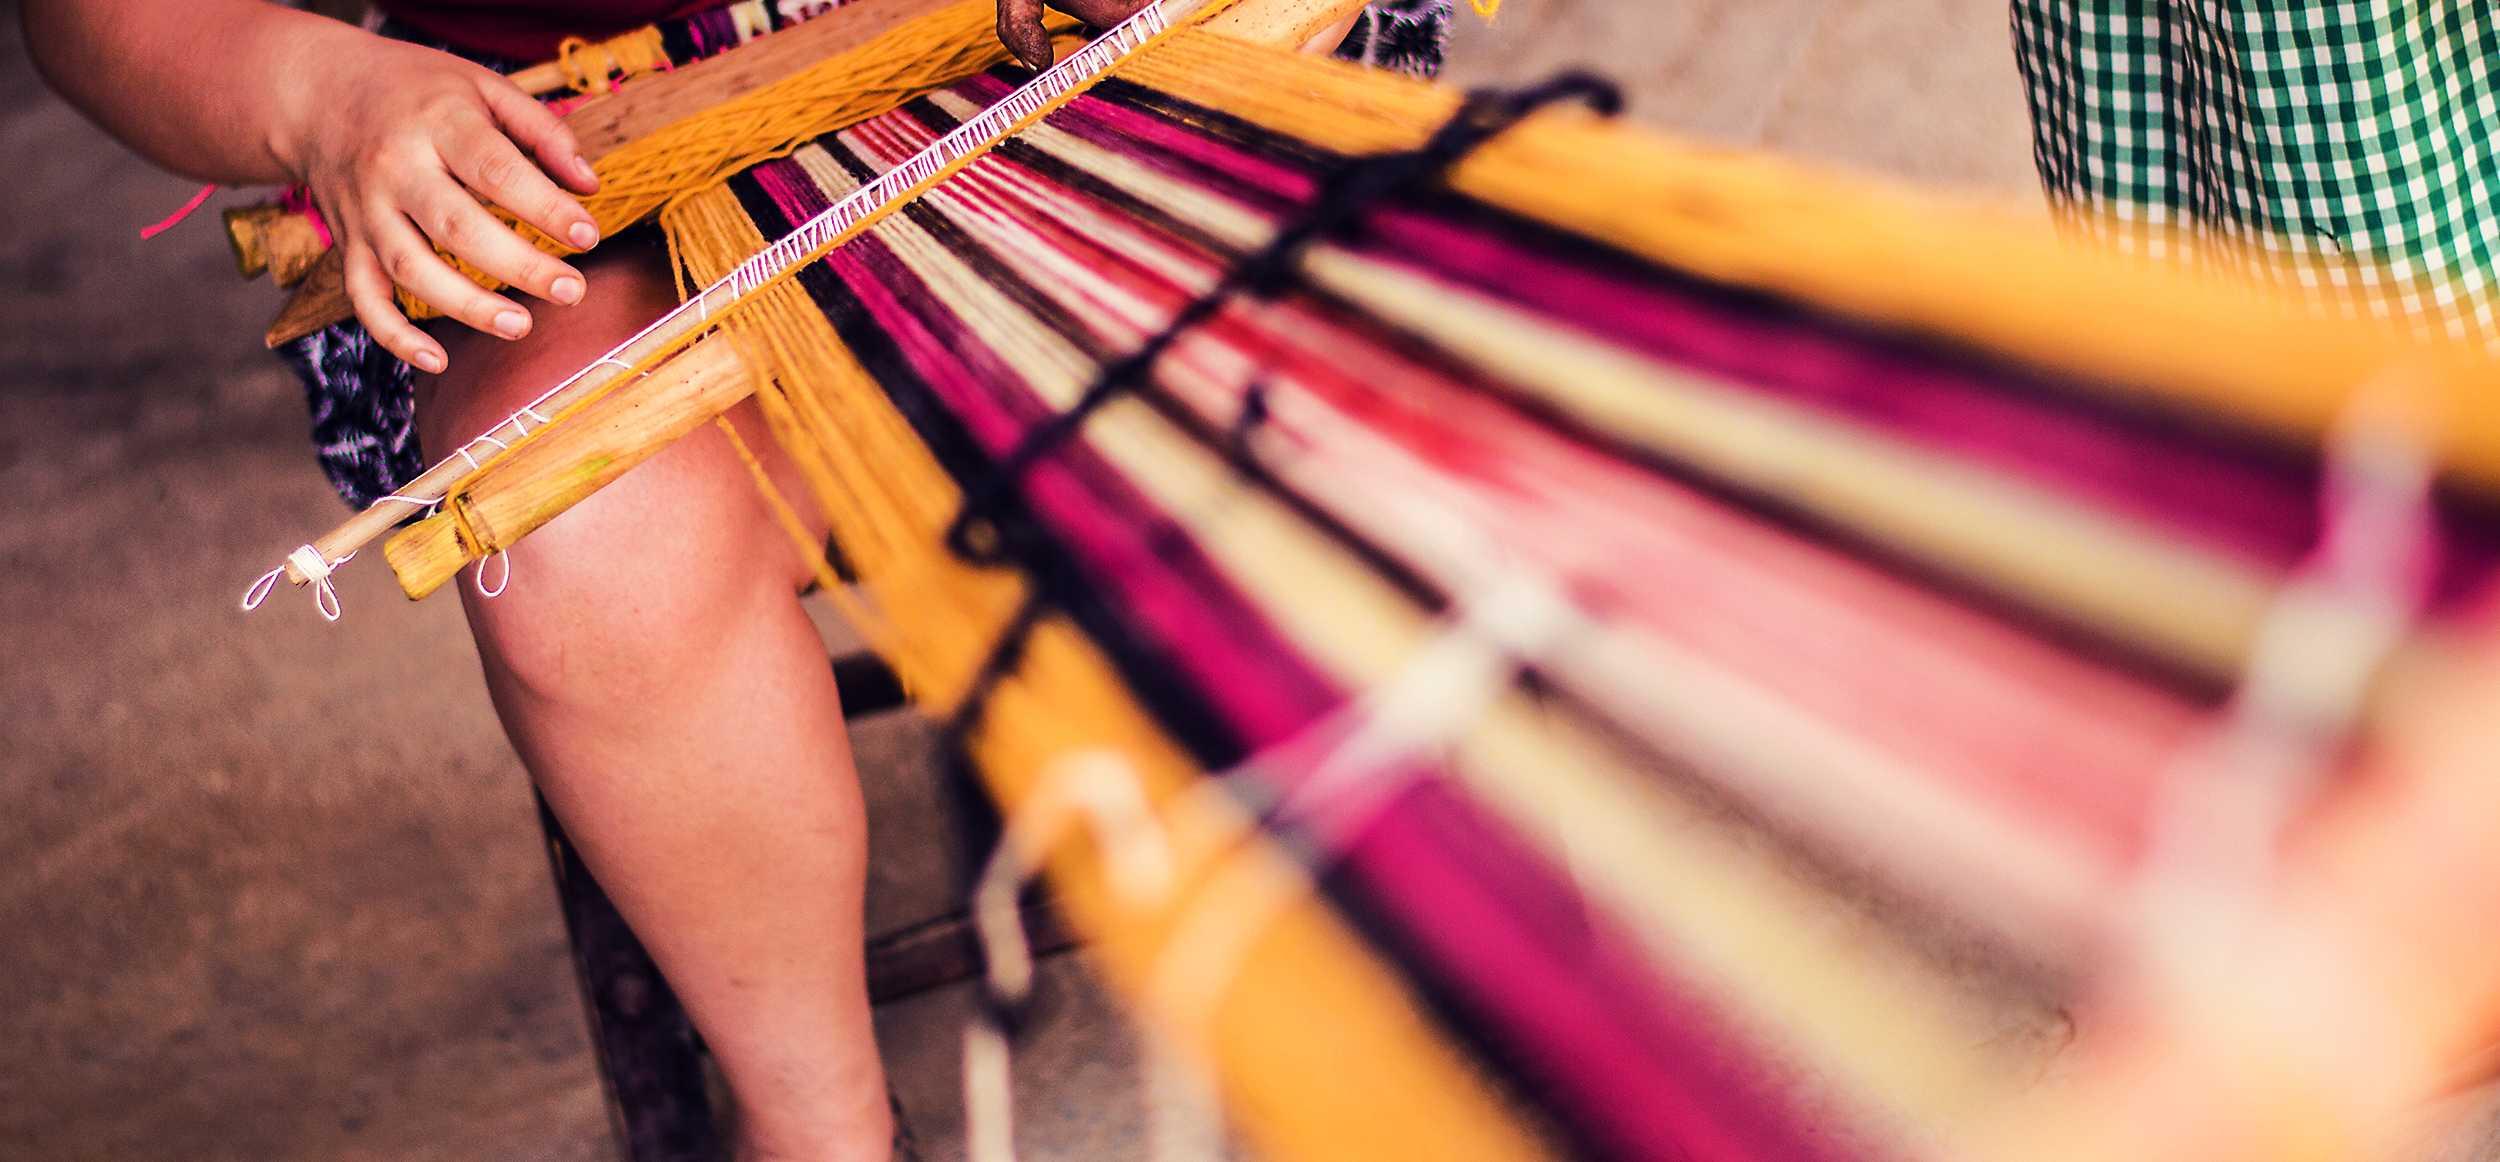 mexico-disenos-textiles-indigenas-mexicanos-tradicionales-plagios-zara-proteccion-derechos